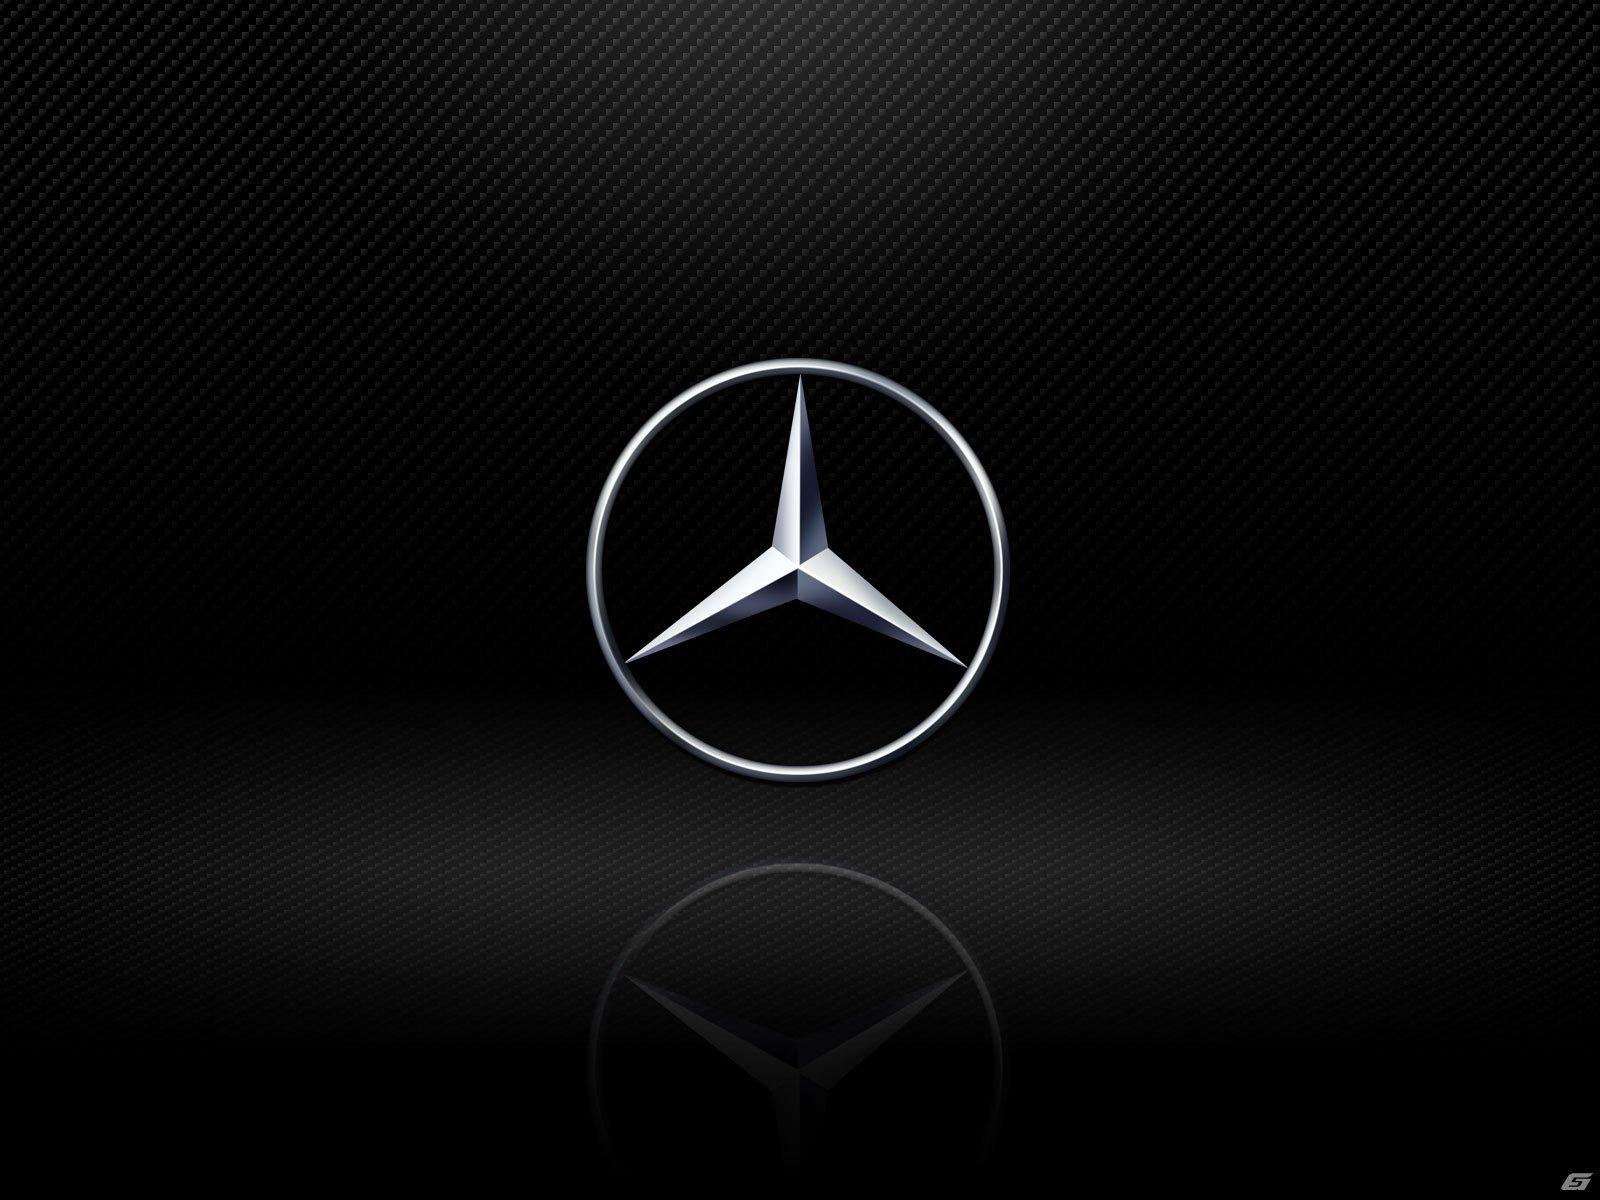 Mercedes Benz CARBON No 1 wallpaper 1600x1200 565693 1600x1200